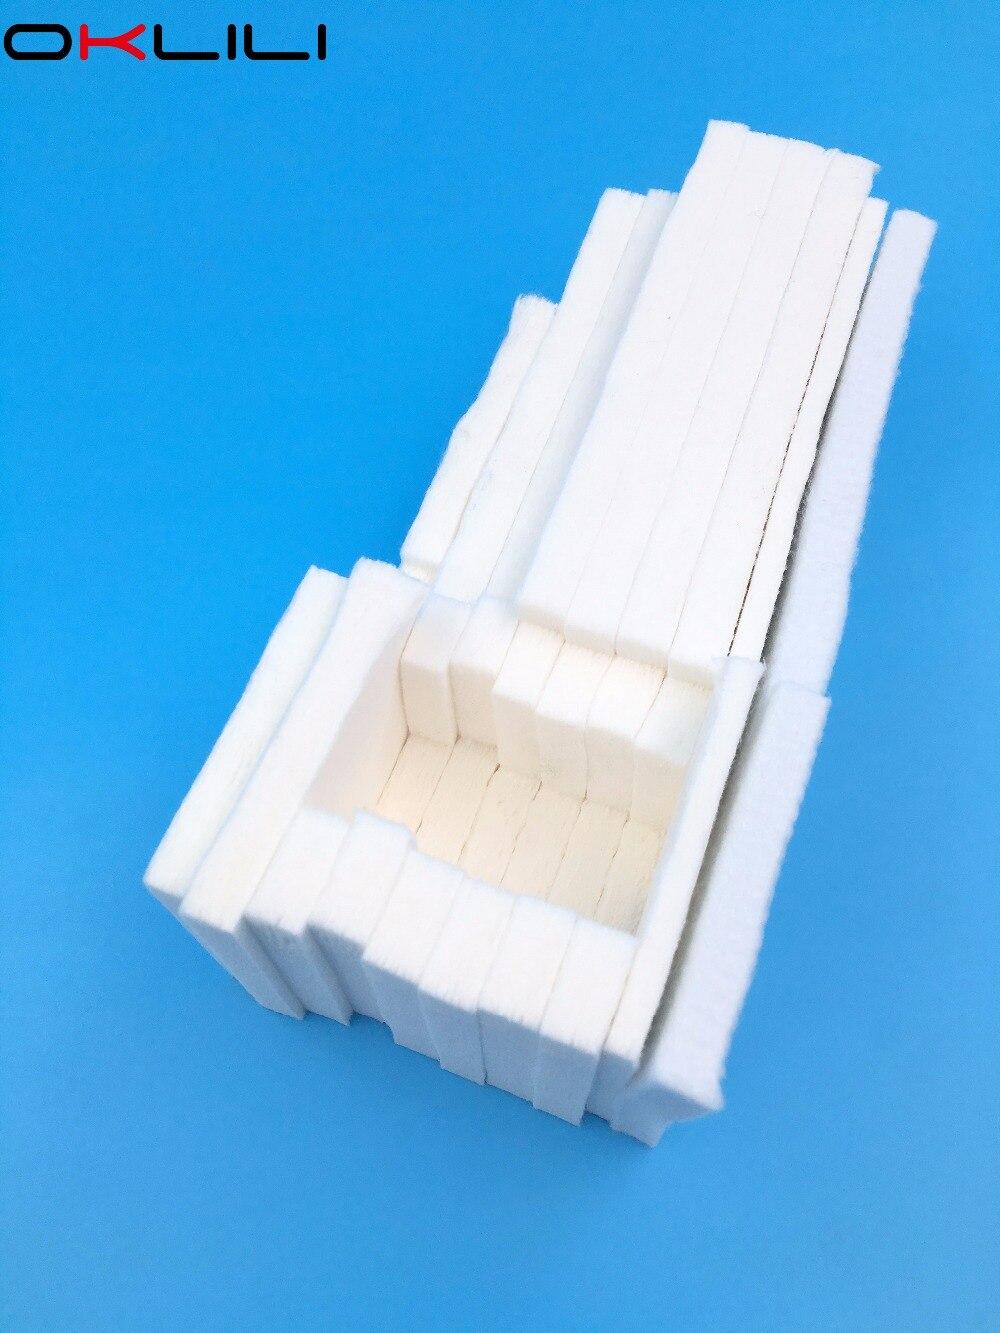 1PC tacy porowate Pad pojemnik na zużyty tusz gąbka do projektora Epson ET-4500 L550 L551 L555 L558 L565 L575 L566 M200 M100 M105 M205 WF2010 WF2510